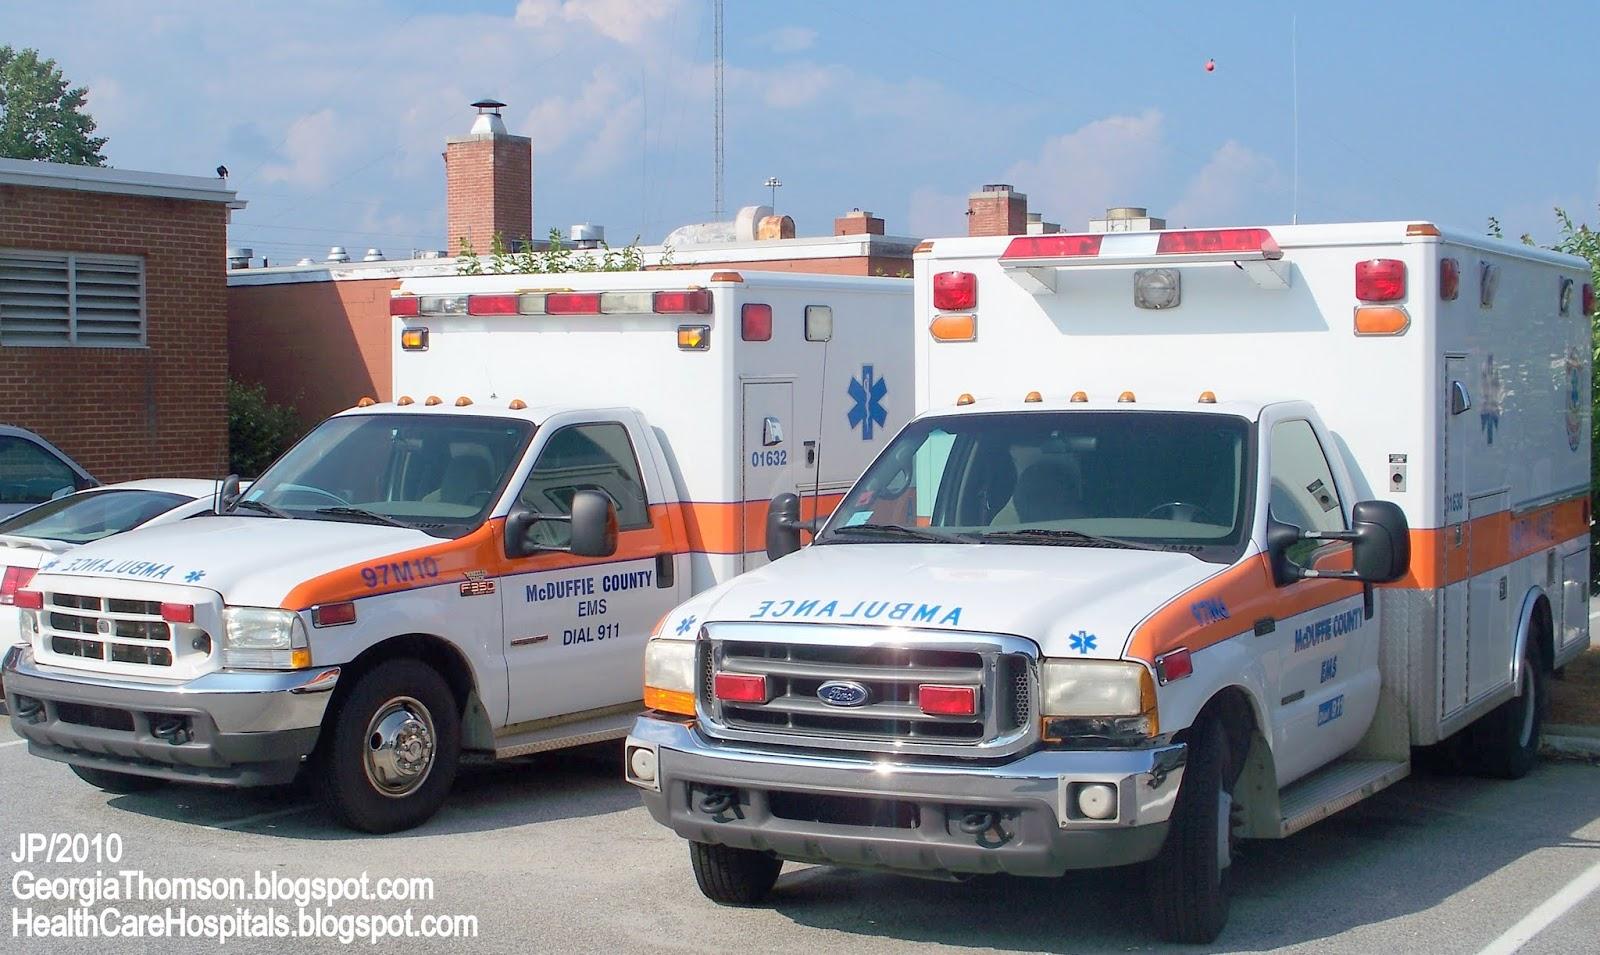 ems mcduffie county ambulance paramedics thomson ems mcduffie county ambulance paramedics thomson mcduffie county ems medical